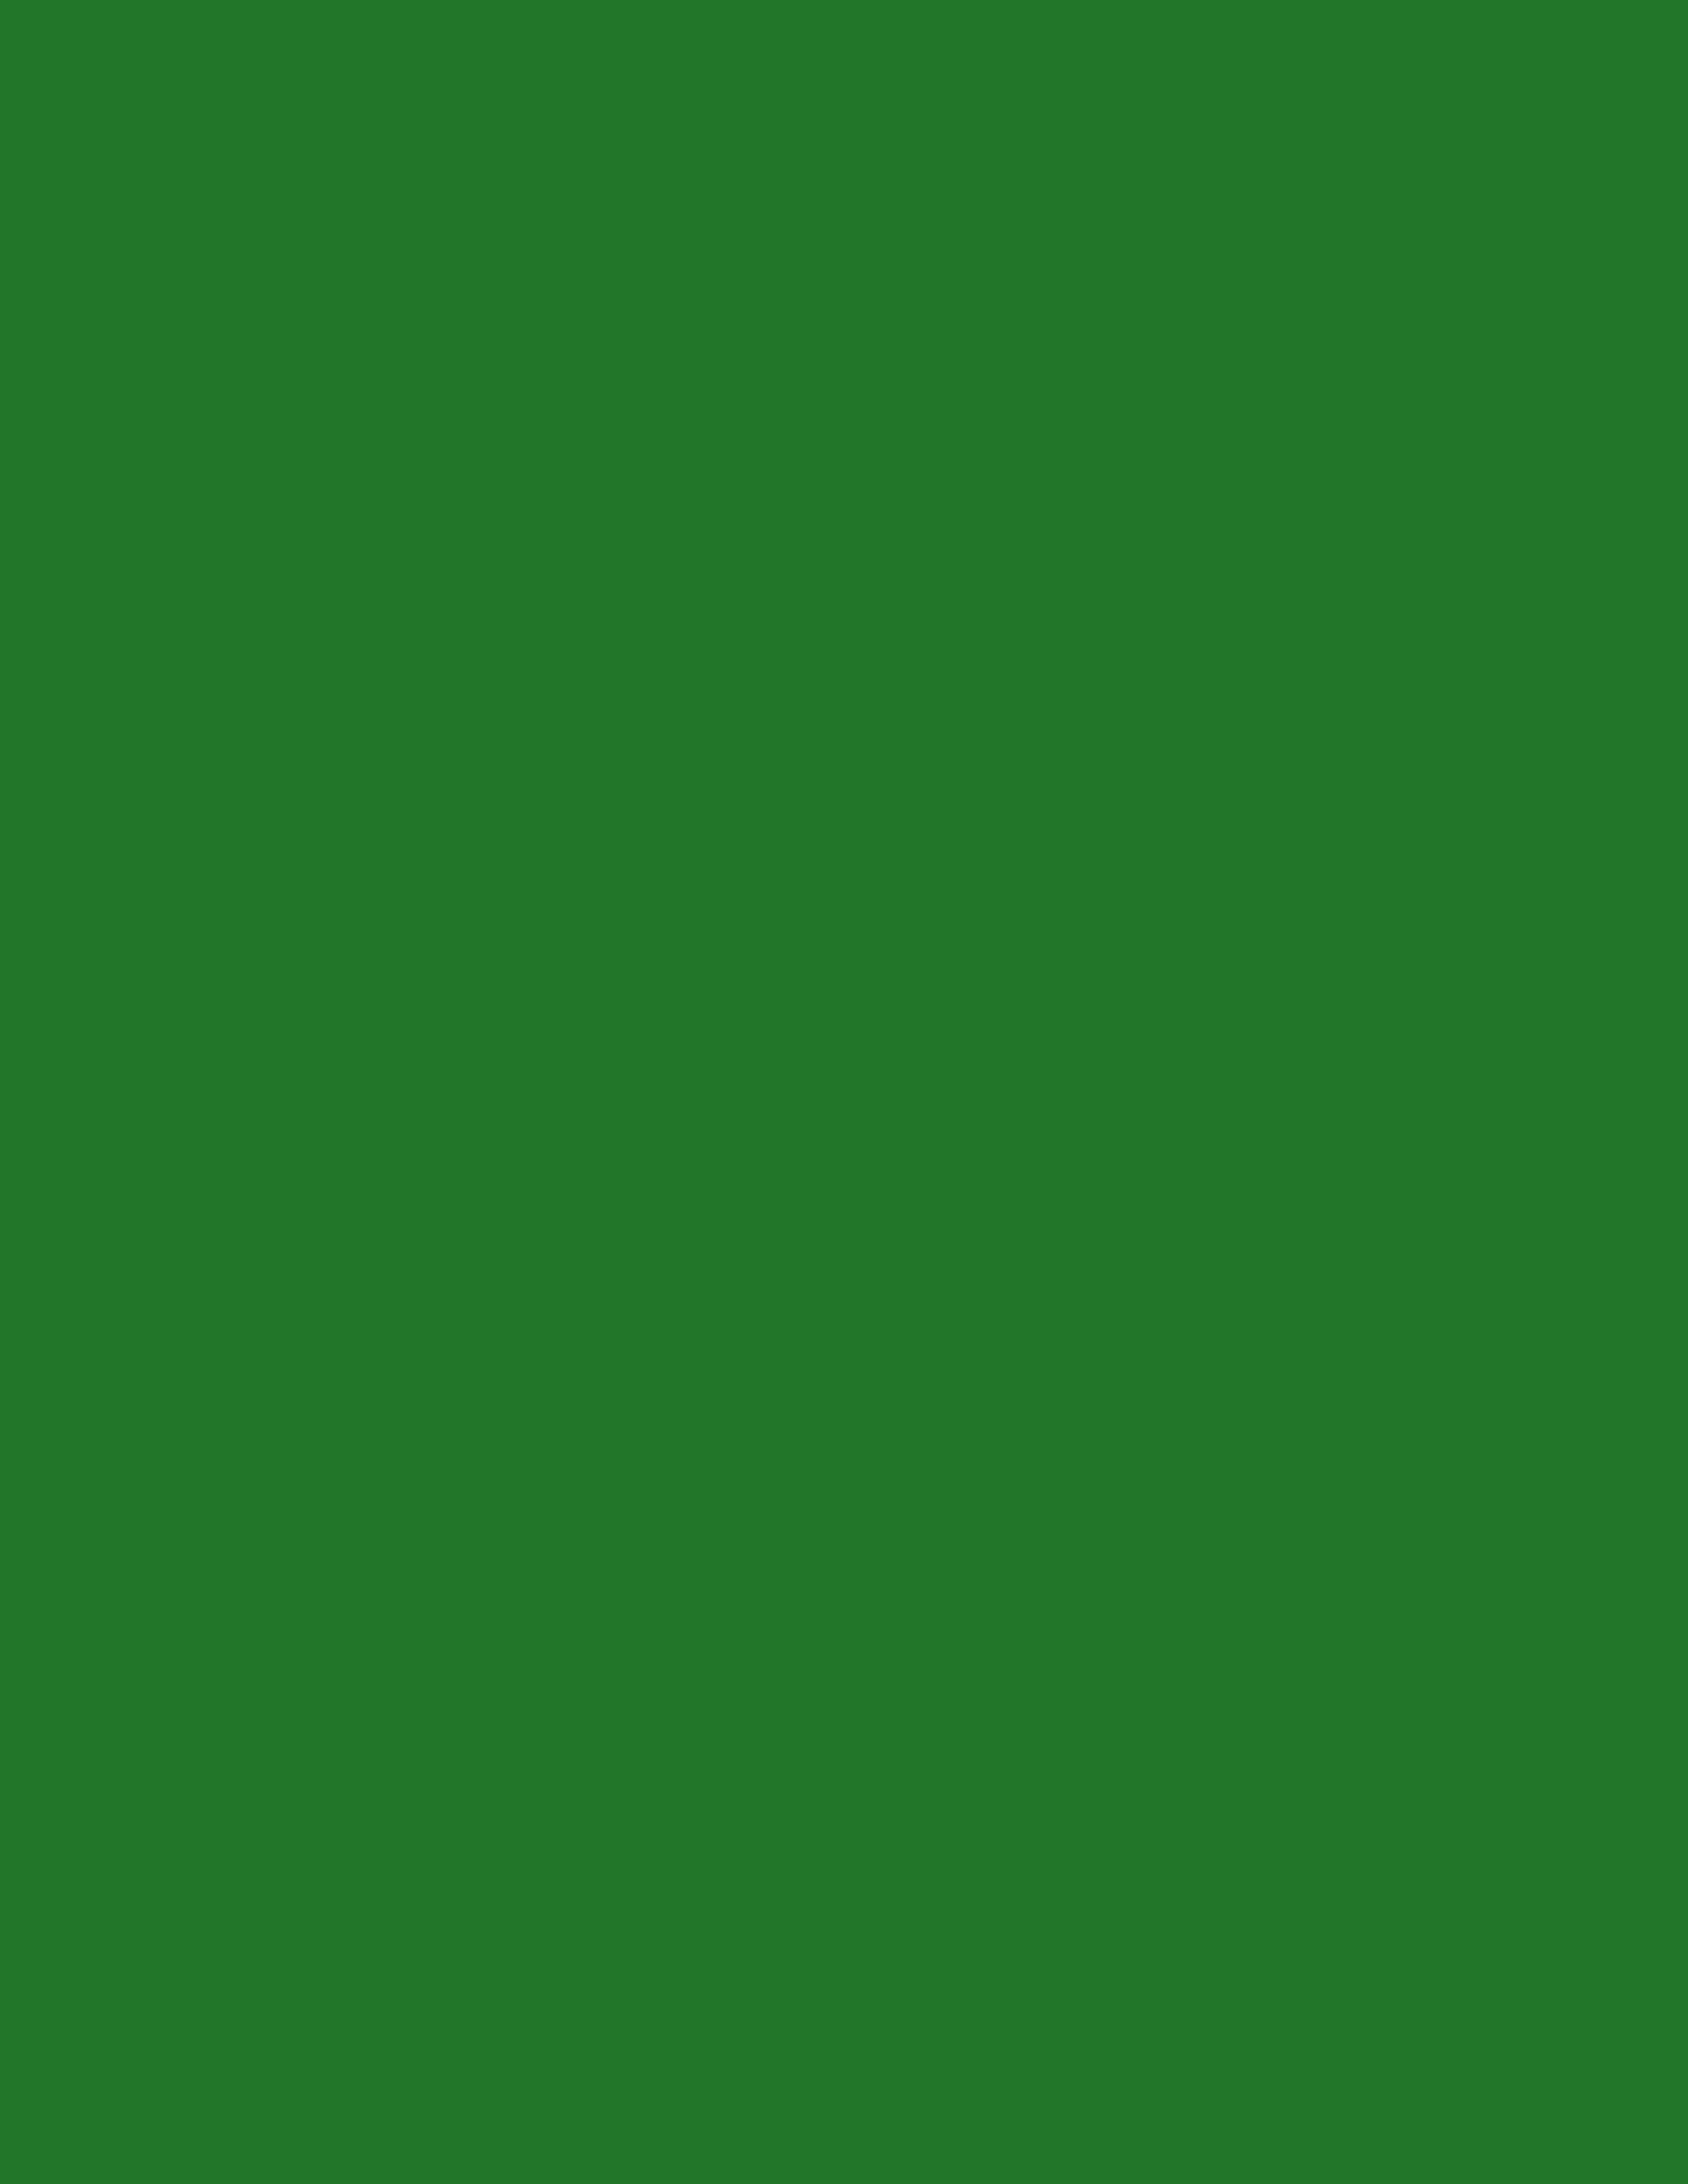 green-01.jpg